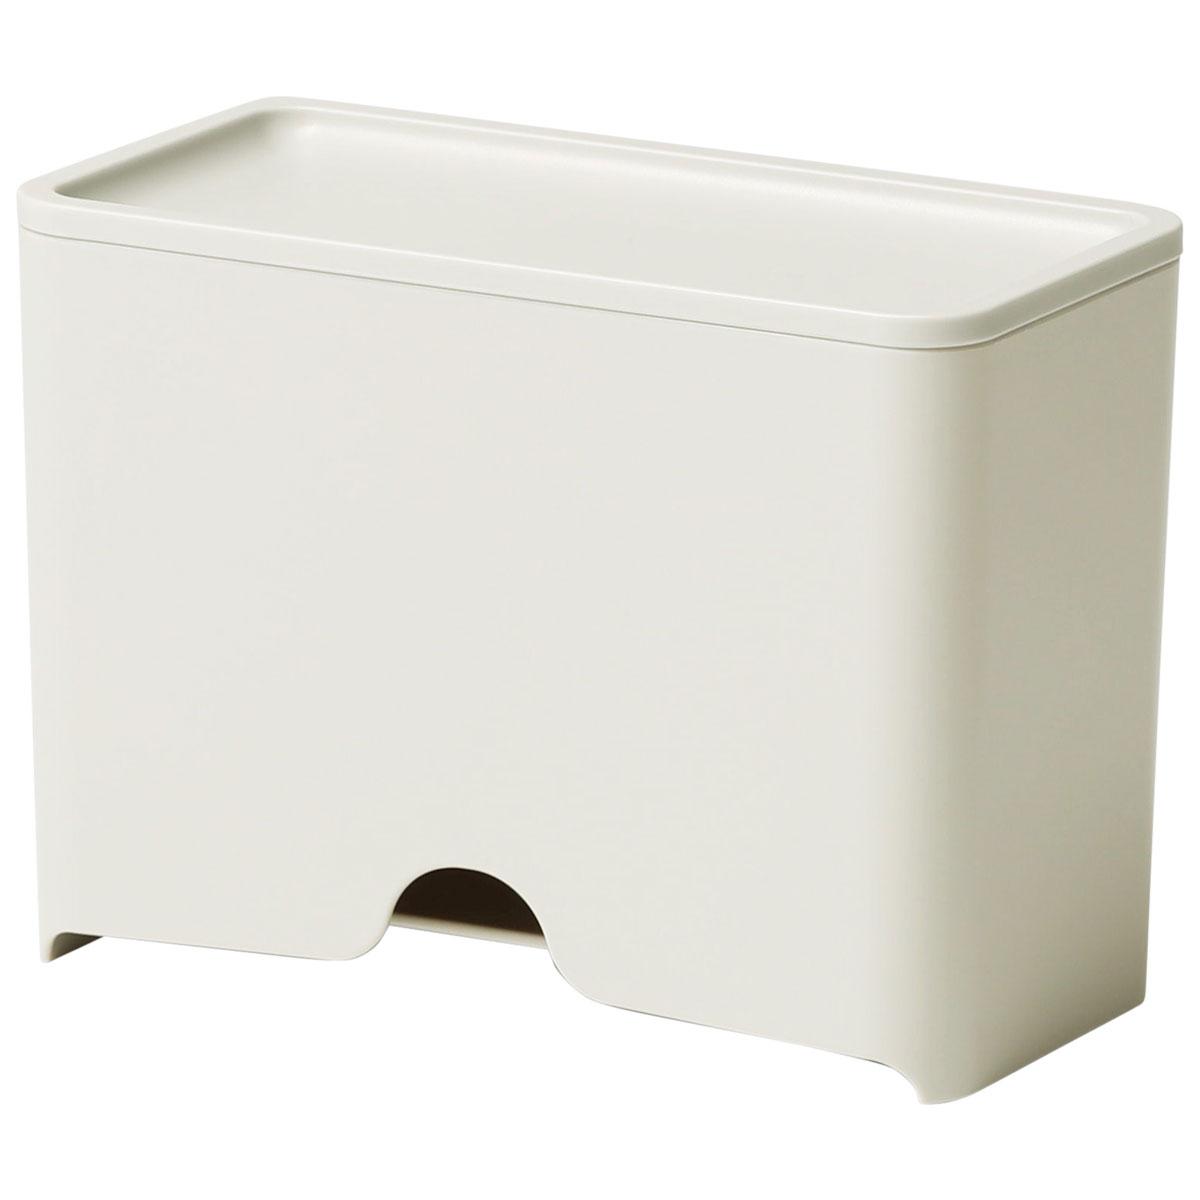 マスクケース ideaco マスクディスペンサー60 ベーシック 玄関 マスク収納ボックス イデアコ サンドホワイト